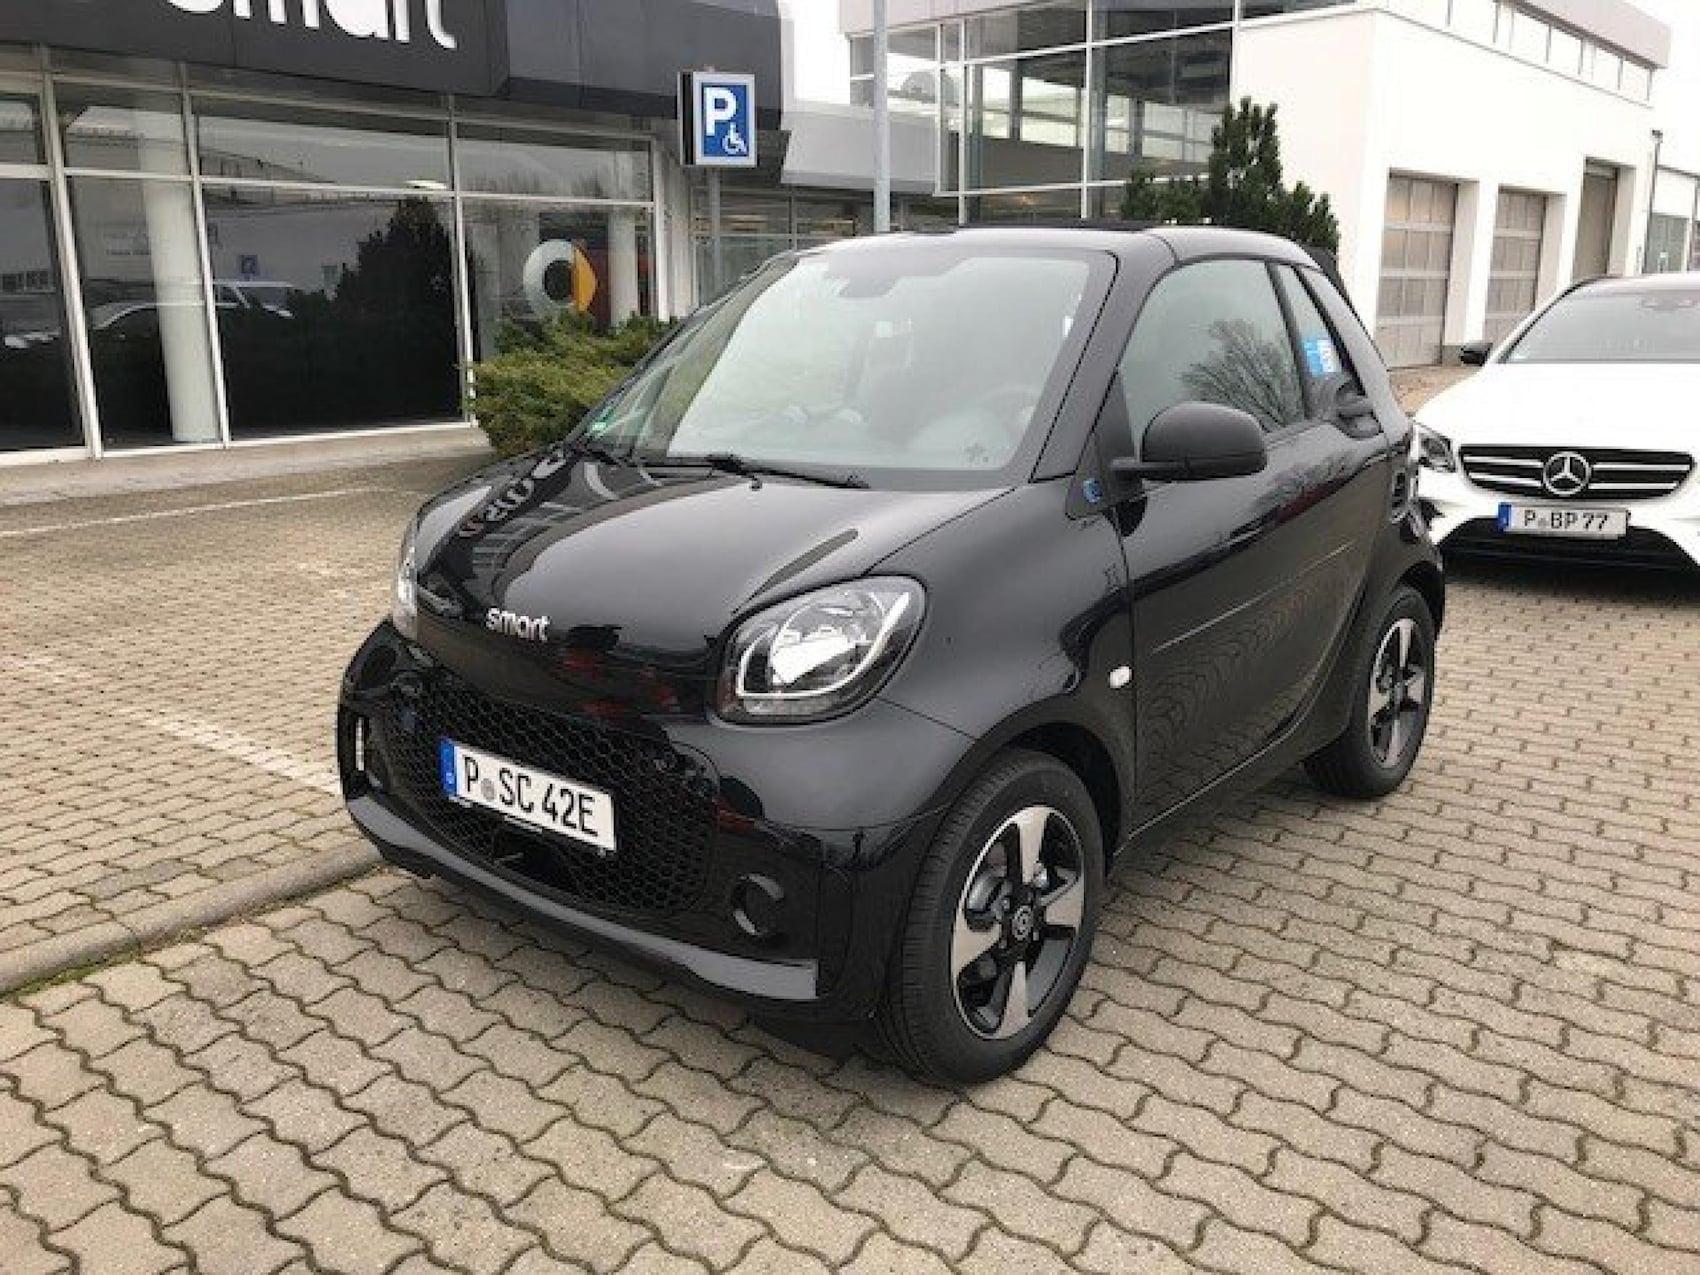 smart Center Potsdam: Angebot - smart EQ fortwo Cabrio